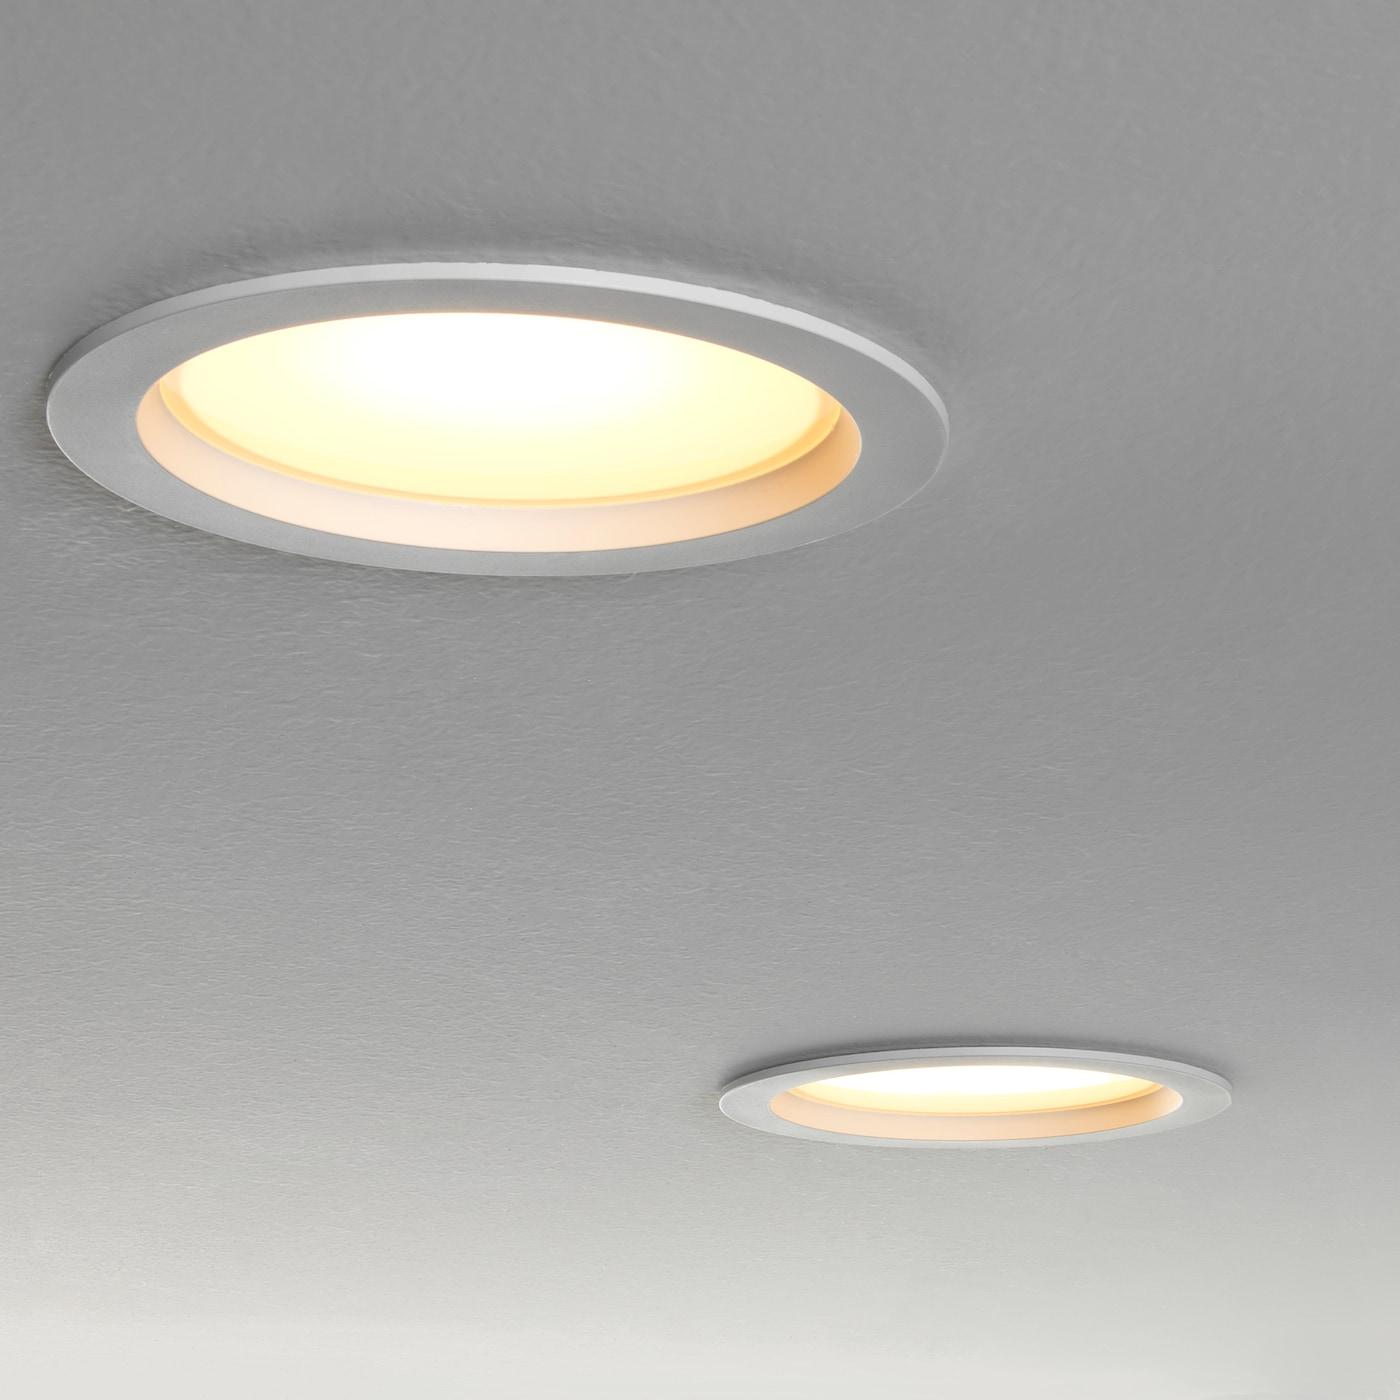 Leptiter Led Indbygningsspot Kan Daempes Hvidt Spektrum Ikea